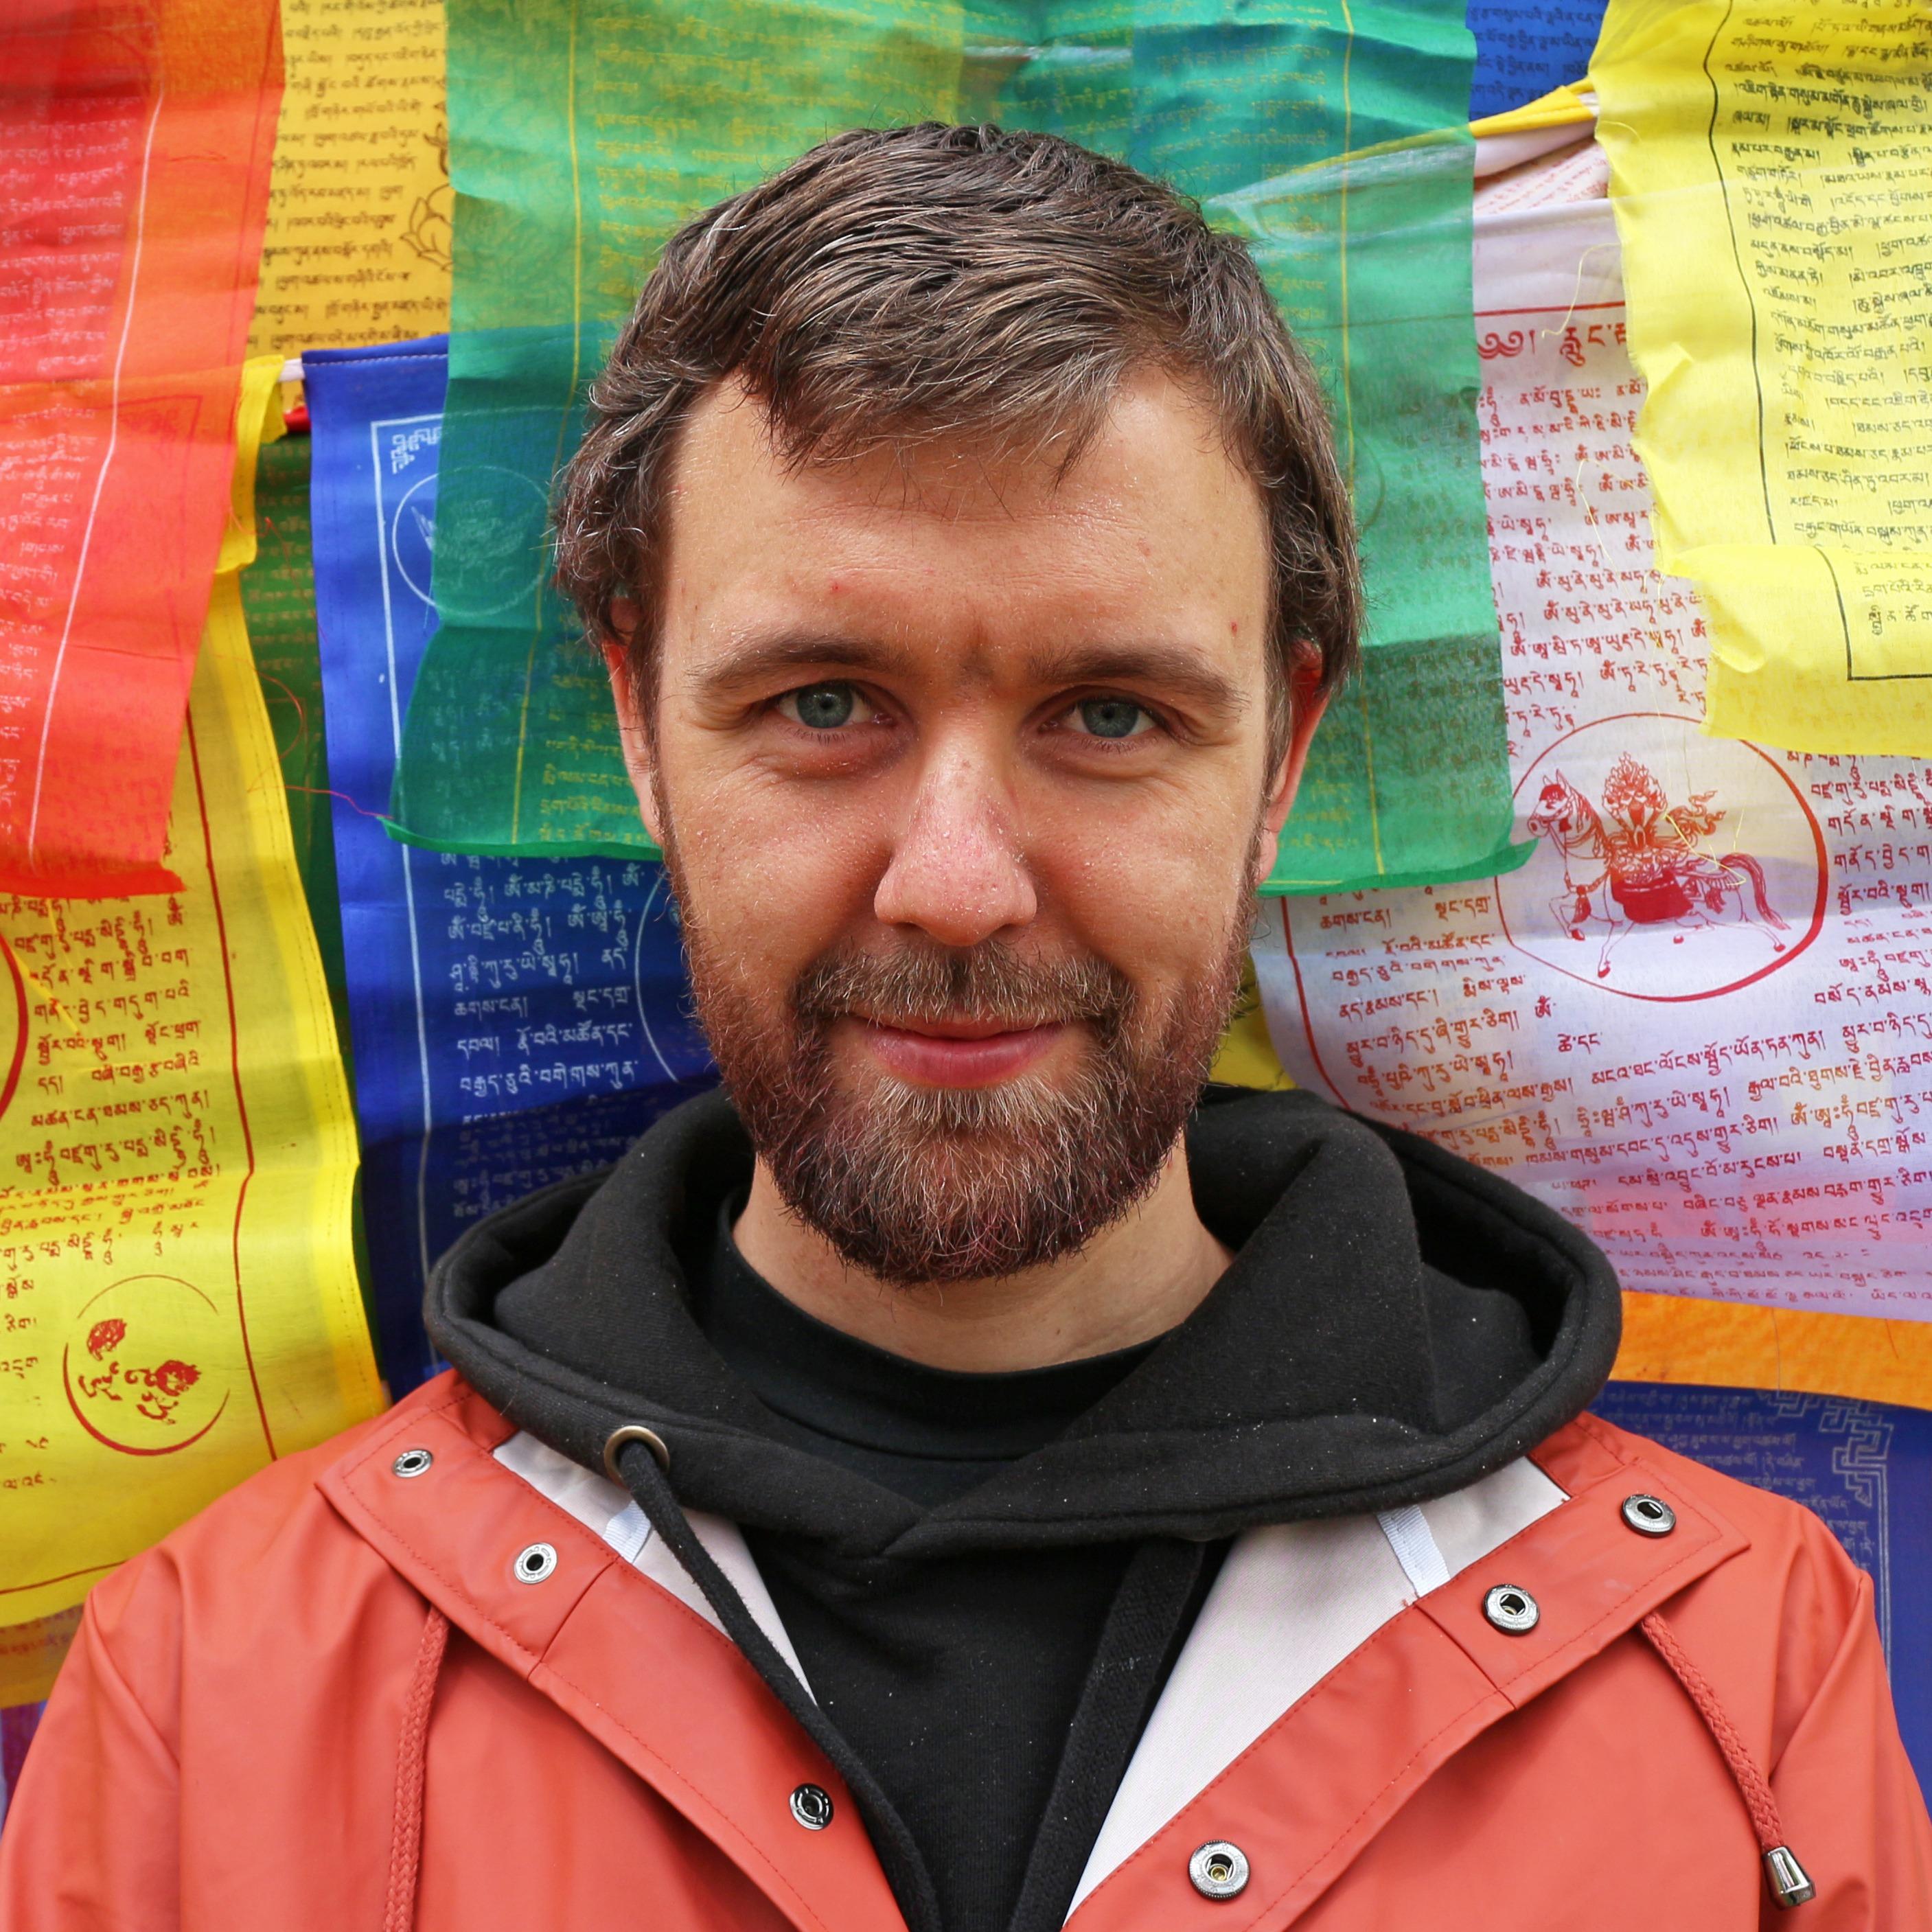 Victor Eekhof